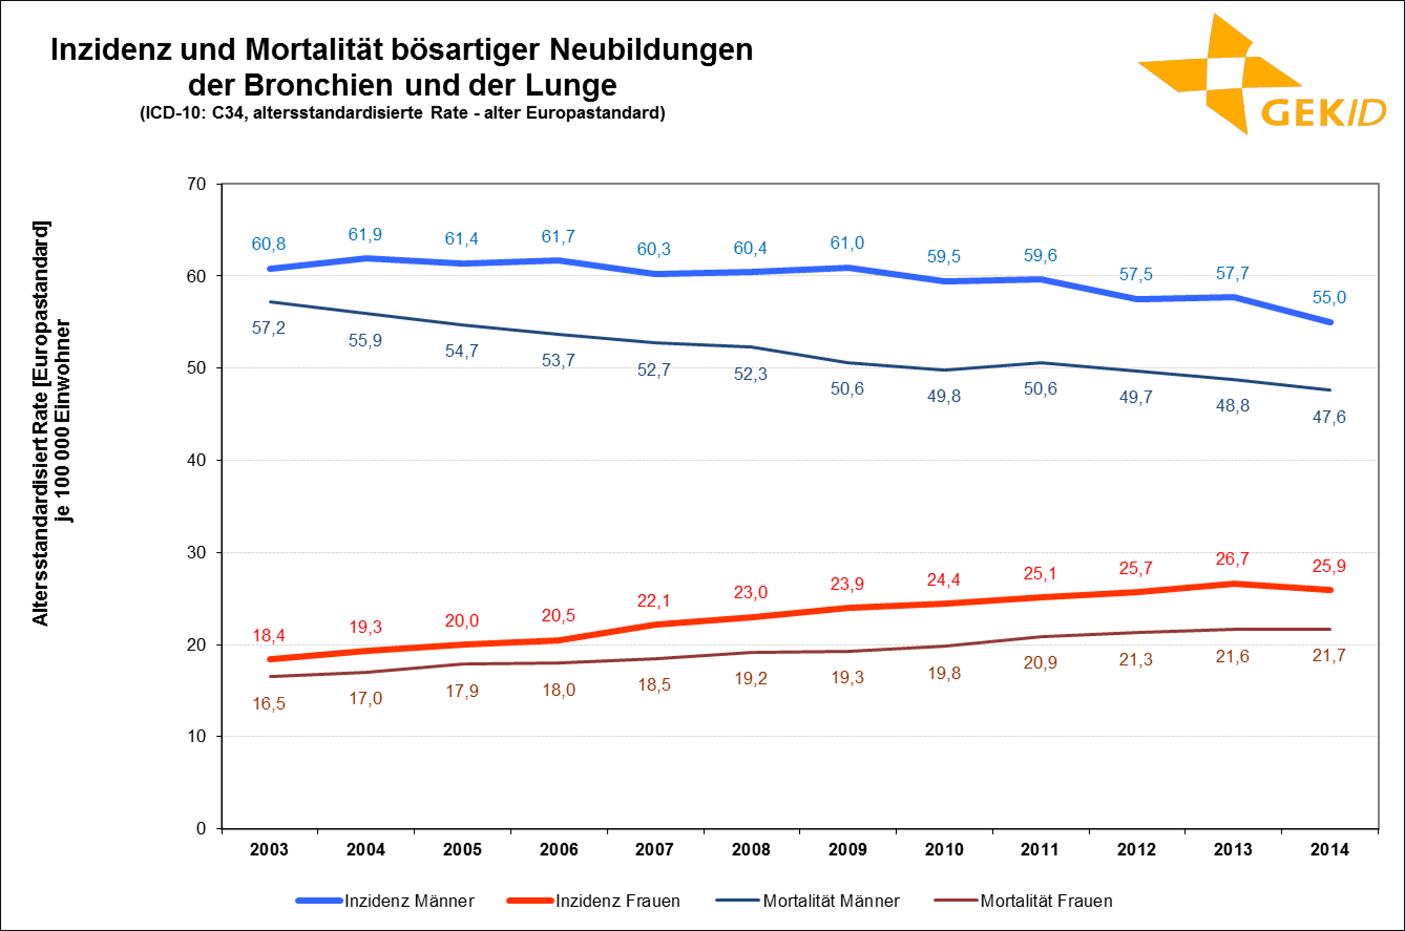 Inzidenz und Mortalität des Lungenkarzinoms in Deutschland (altersstandardisierte Rate) 1